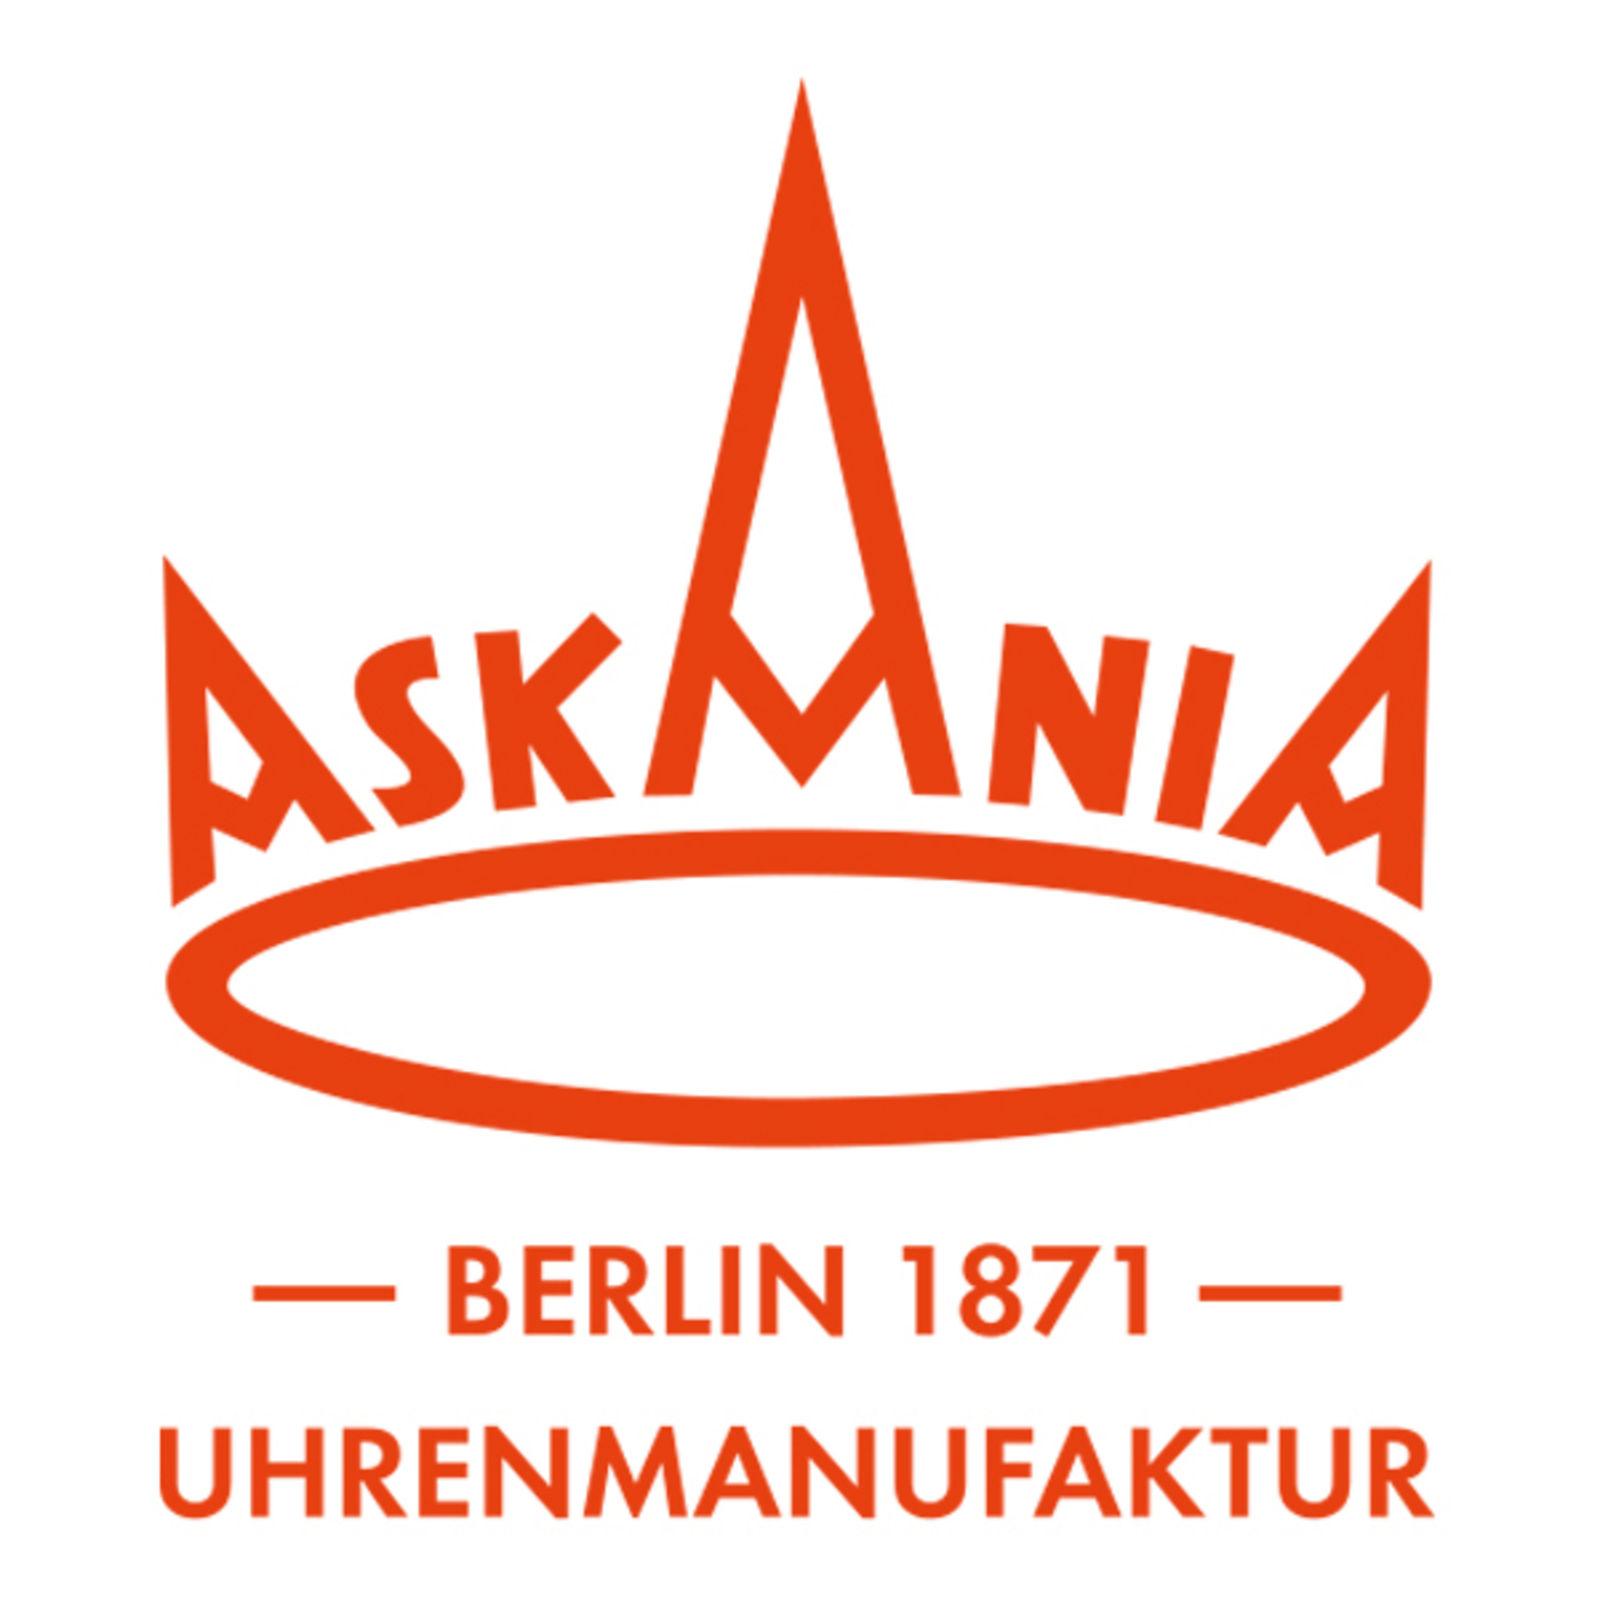 Askania (Bild 1)